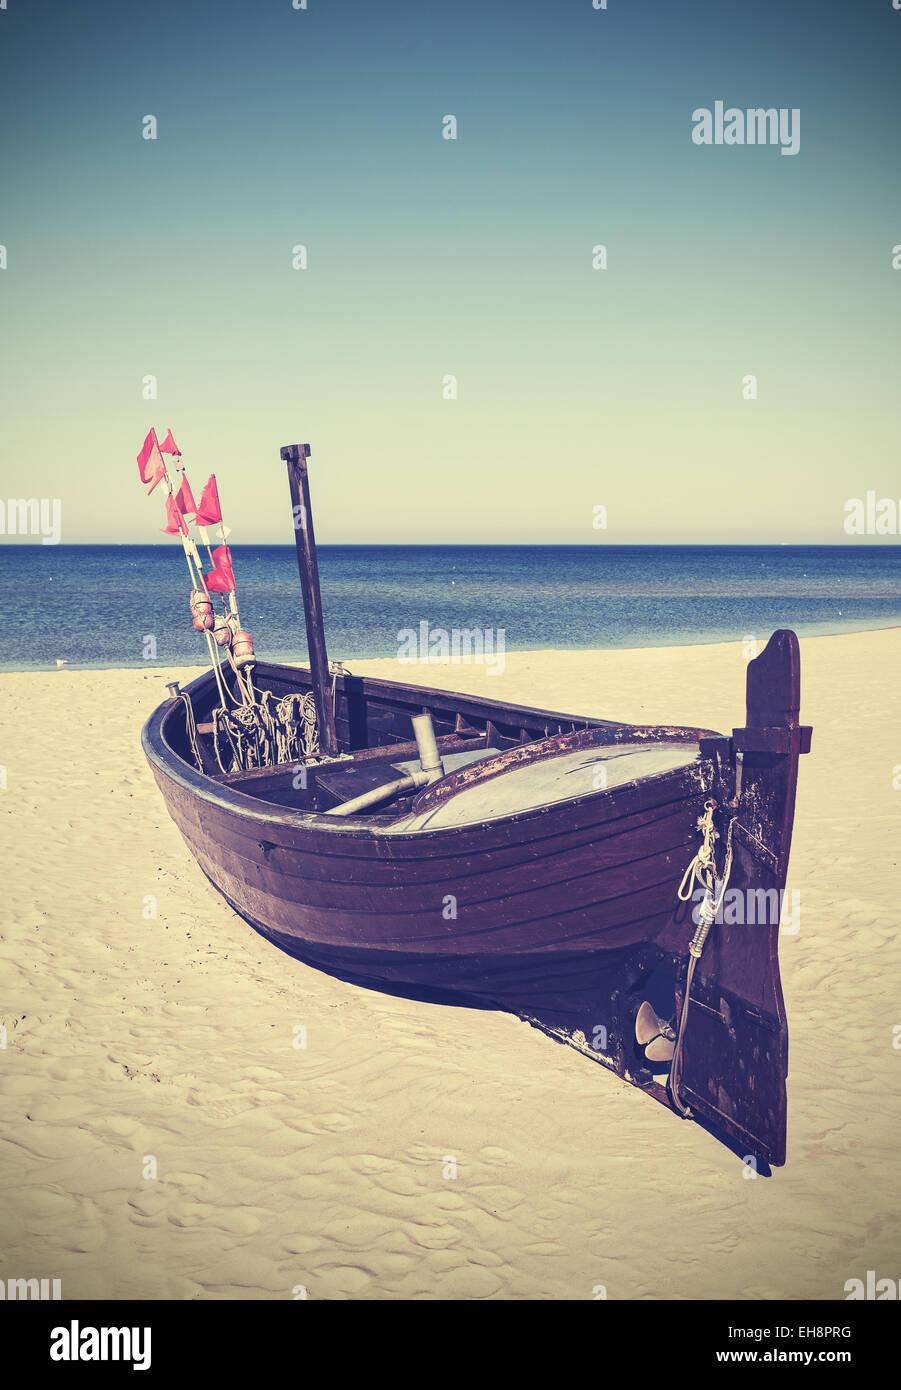 Retro-gefilterte Bild von Fischerboot am Strand. Stockbild